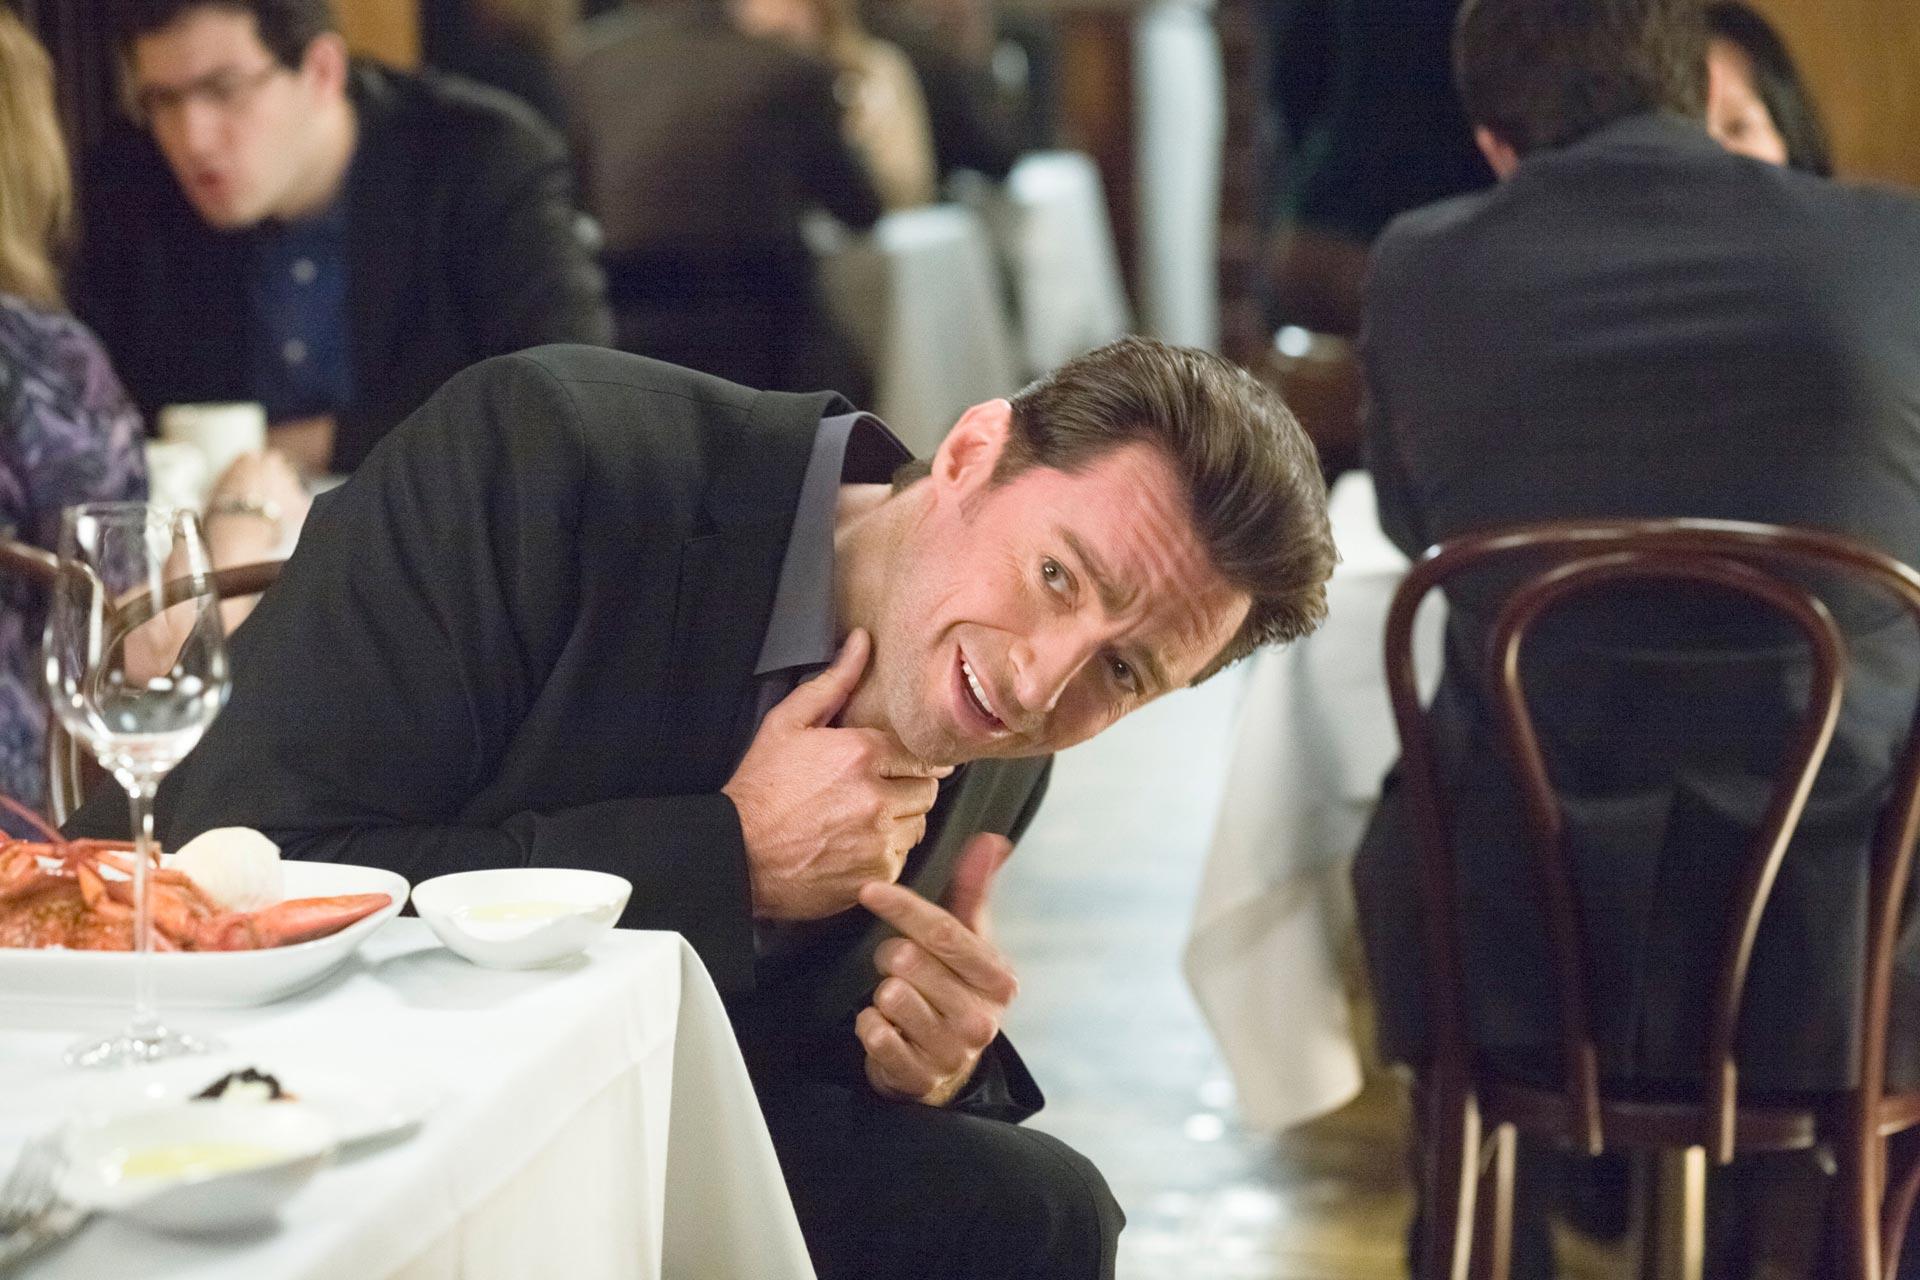 https://i0.wp.com/www.filmofilia.com/wp-content/uploads/2012/11/Movie-43_14.jpg